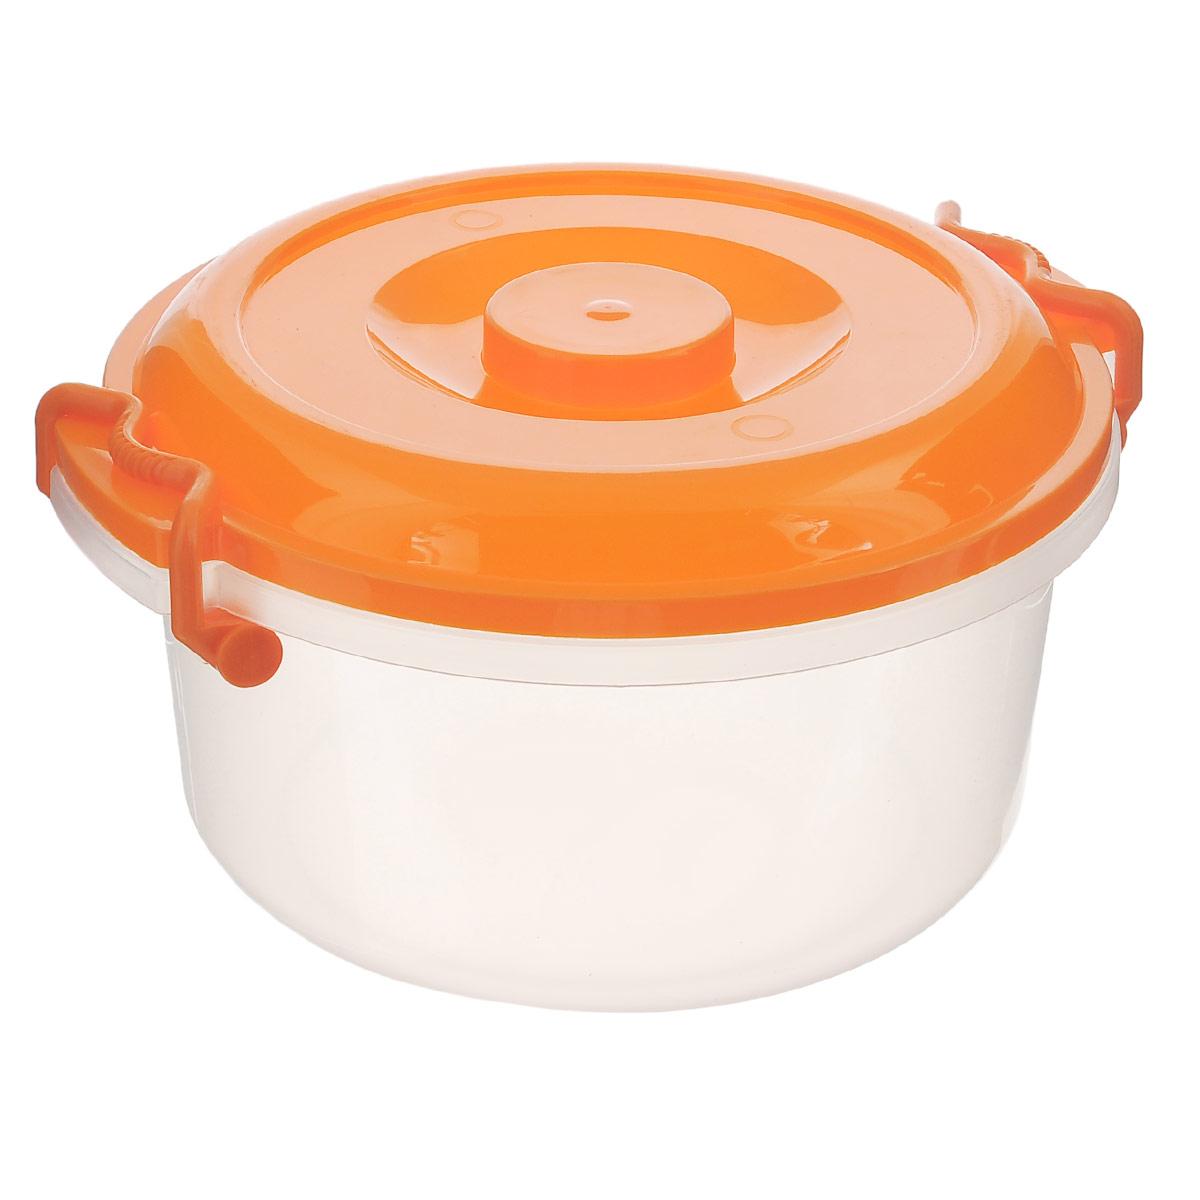 Контейнер Альтернатива, цвет: оранжевый, 5 лМ097Контейнер Альтернатива изготовлен из высококачественного пищевого пластика. Изделие оснащено крышкой и ручками, которые плотно закрывают контейнер. Также на крышке имеется ручка для удобной переноски. Емкость предназначена для хранения различных бытовых вещей и продуктов.Такой контейнер очень функционален и всегда пригодится на кухне. Диаметр контейнера (без учета крышки): 25 см. Высота стенок: 13,5 см. Объем: 5 л.